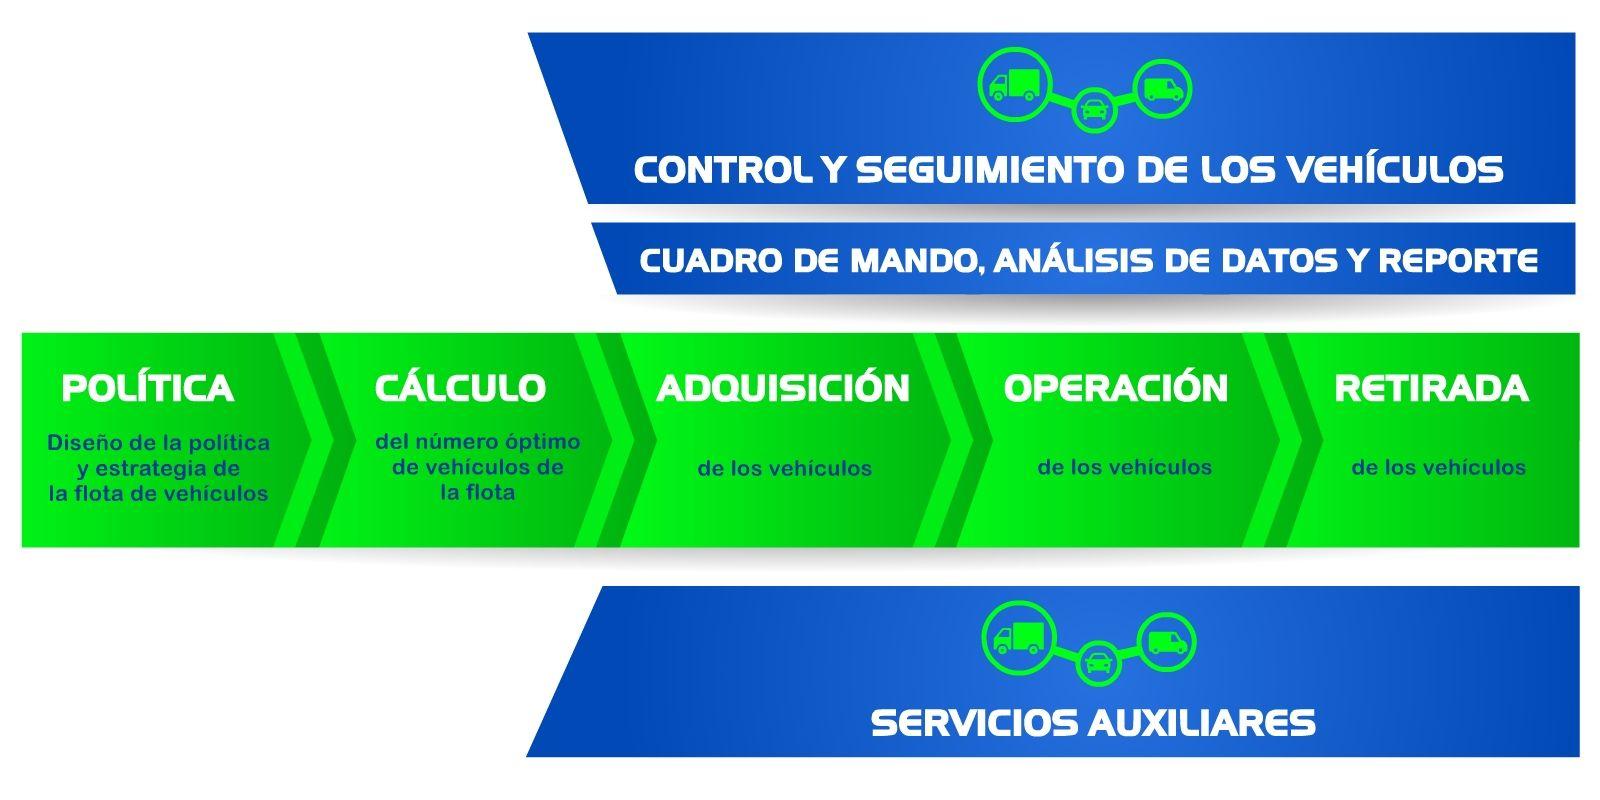 Gráfico 1: Actividades de la gestión de una flota de vehículos. Fuente propia